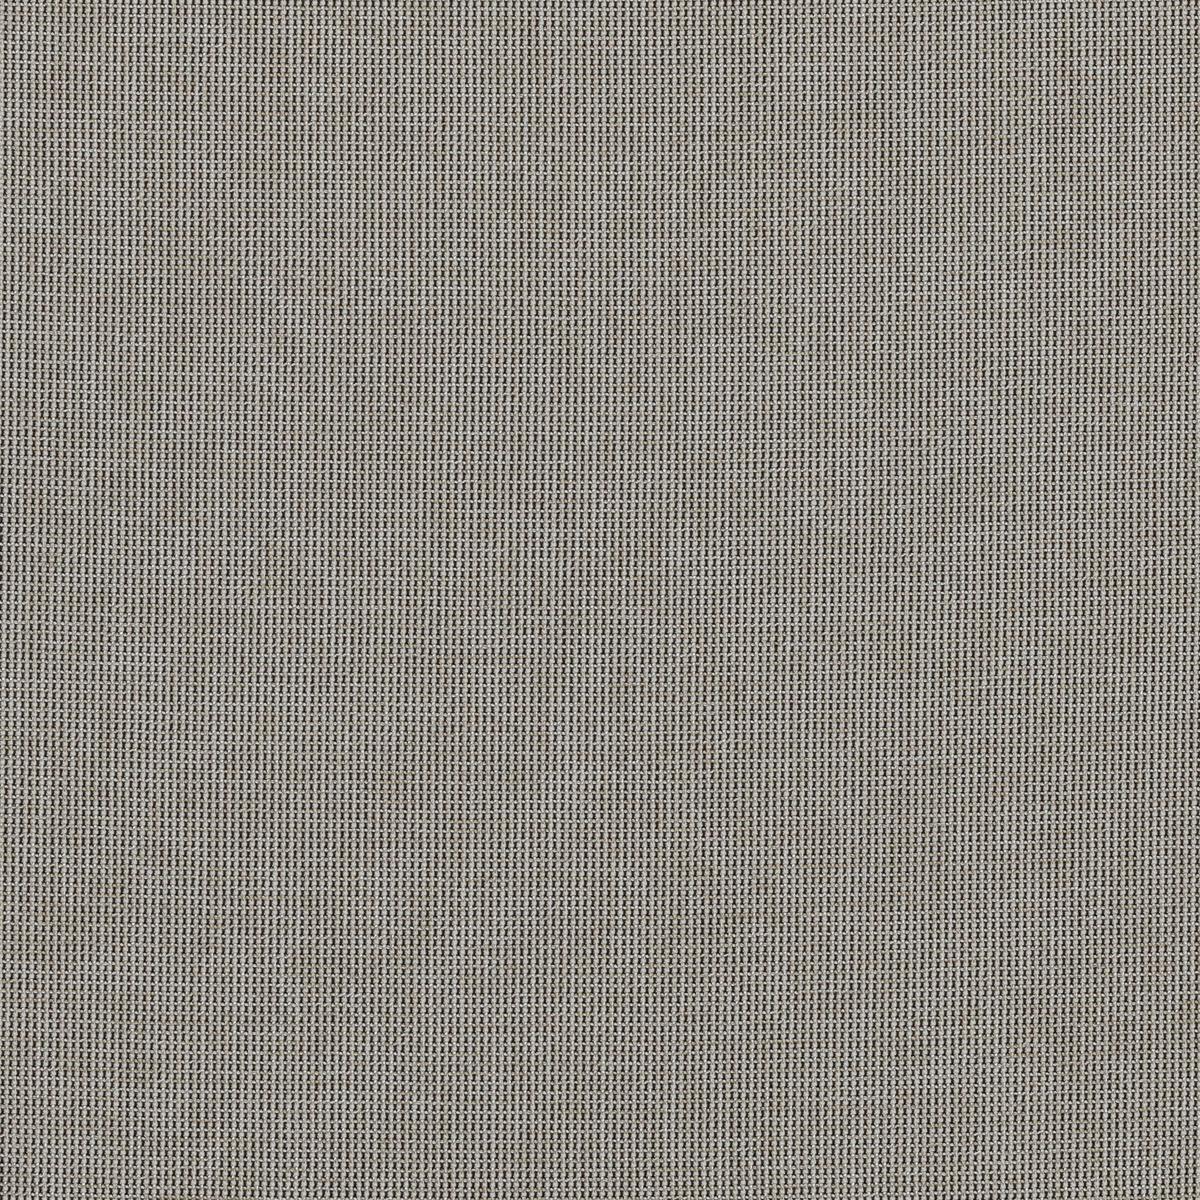 Ткань из смеси шерсти, шёлка и льна с эластаном